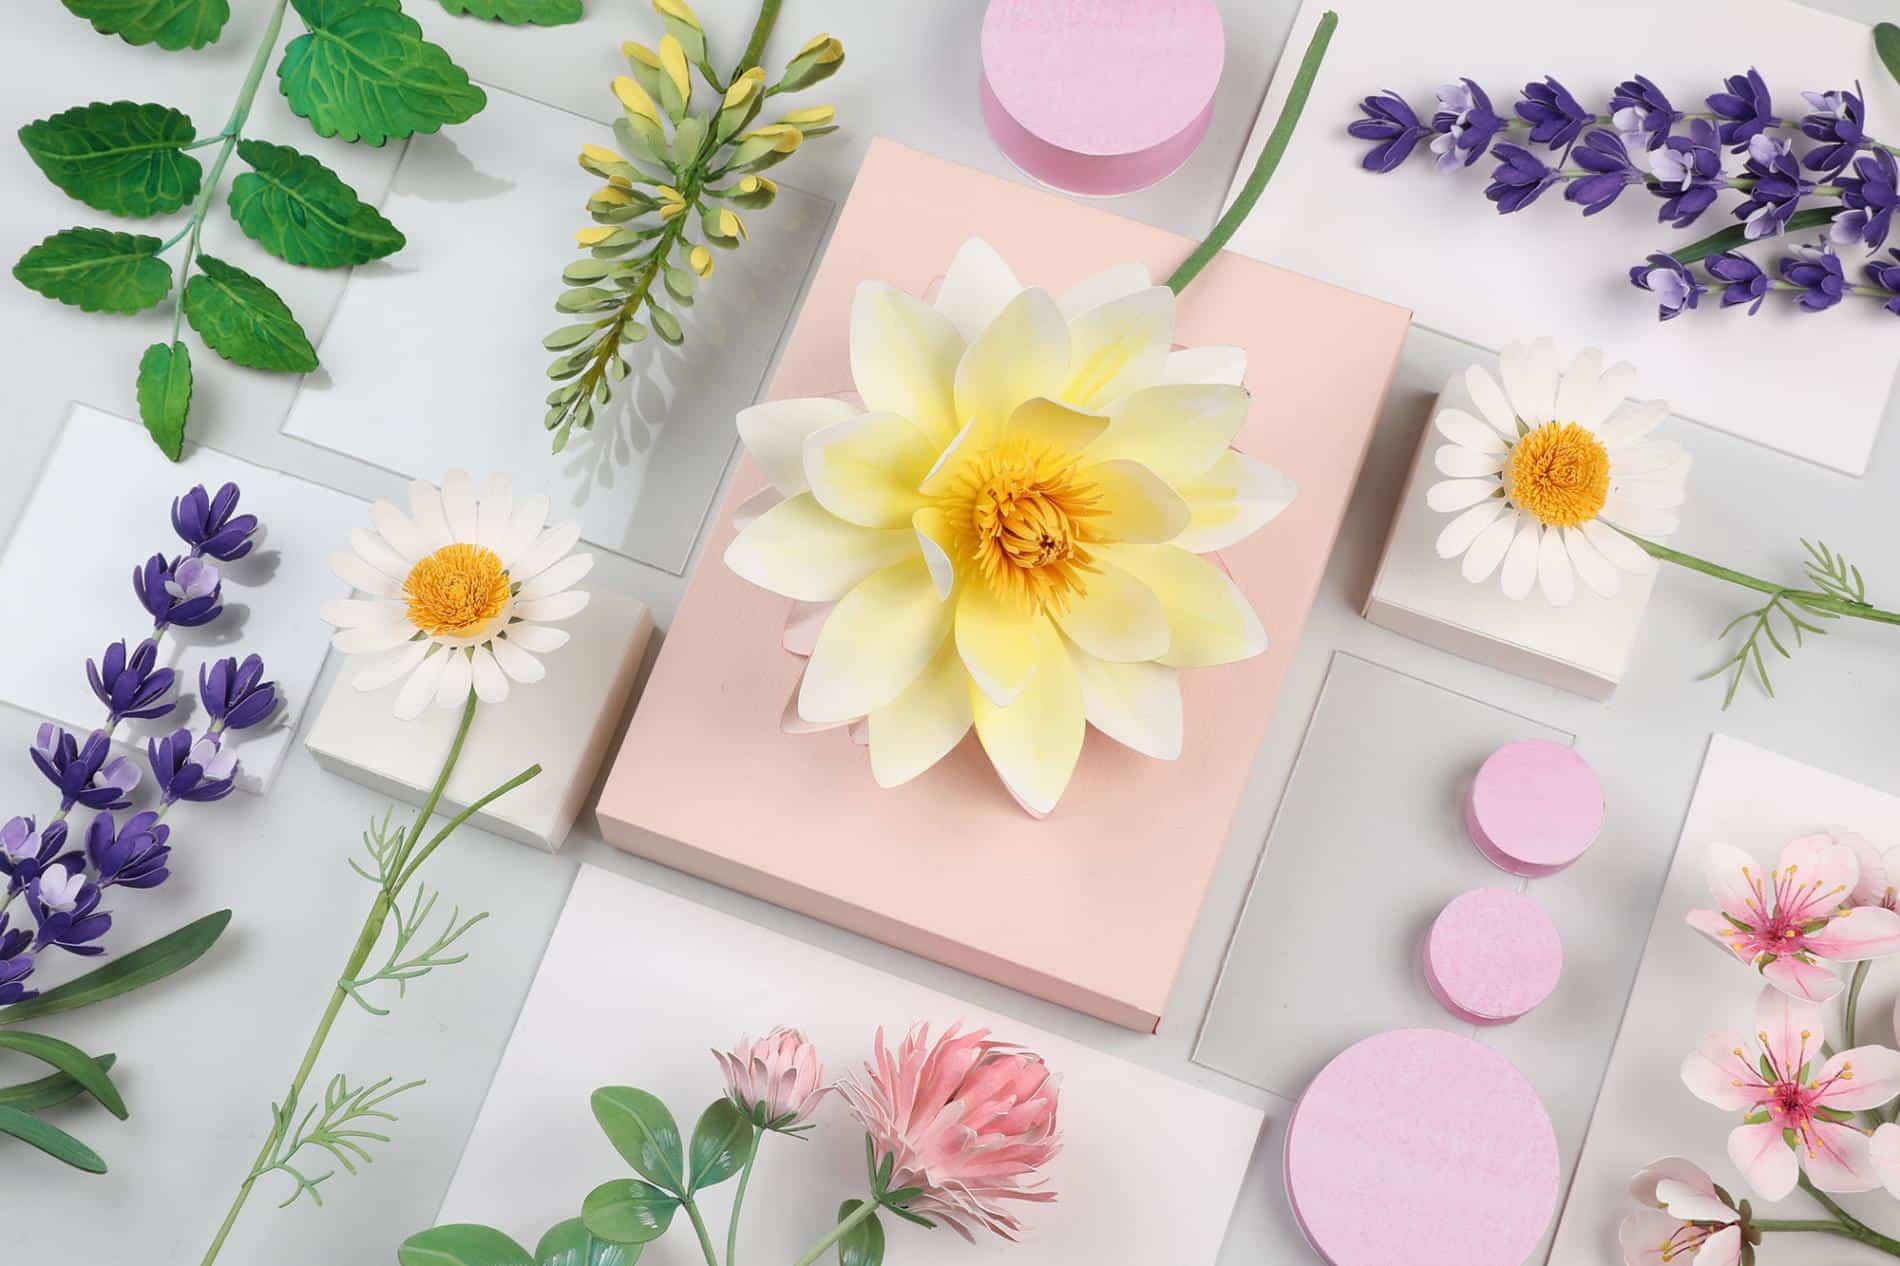 Diana beltran herrera escultura de papel flores